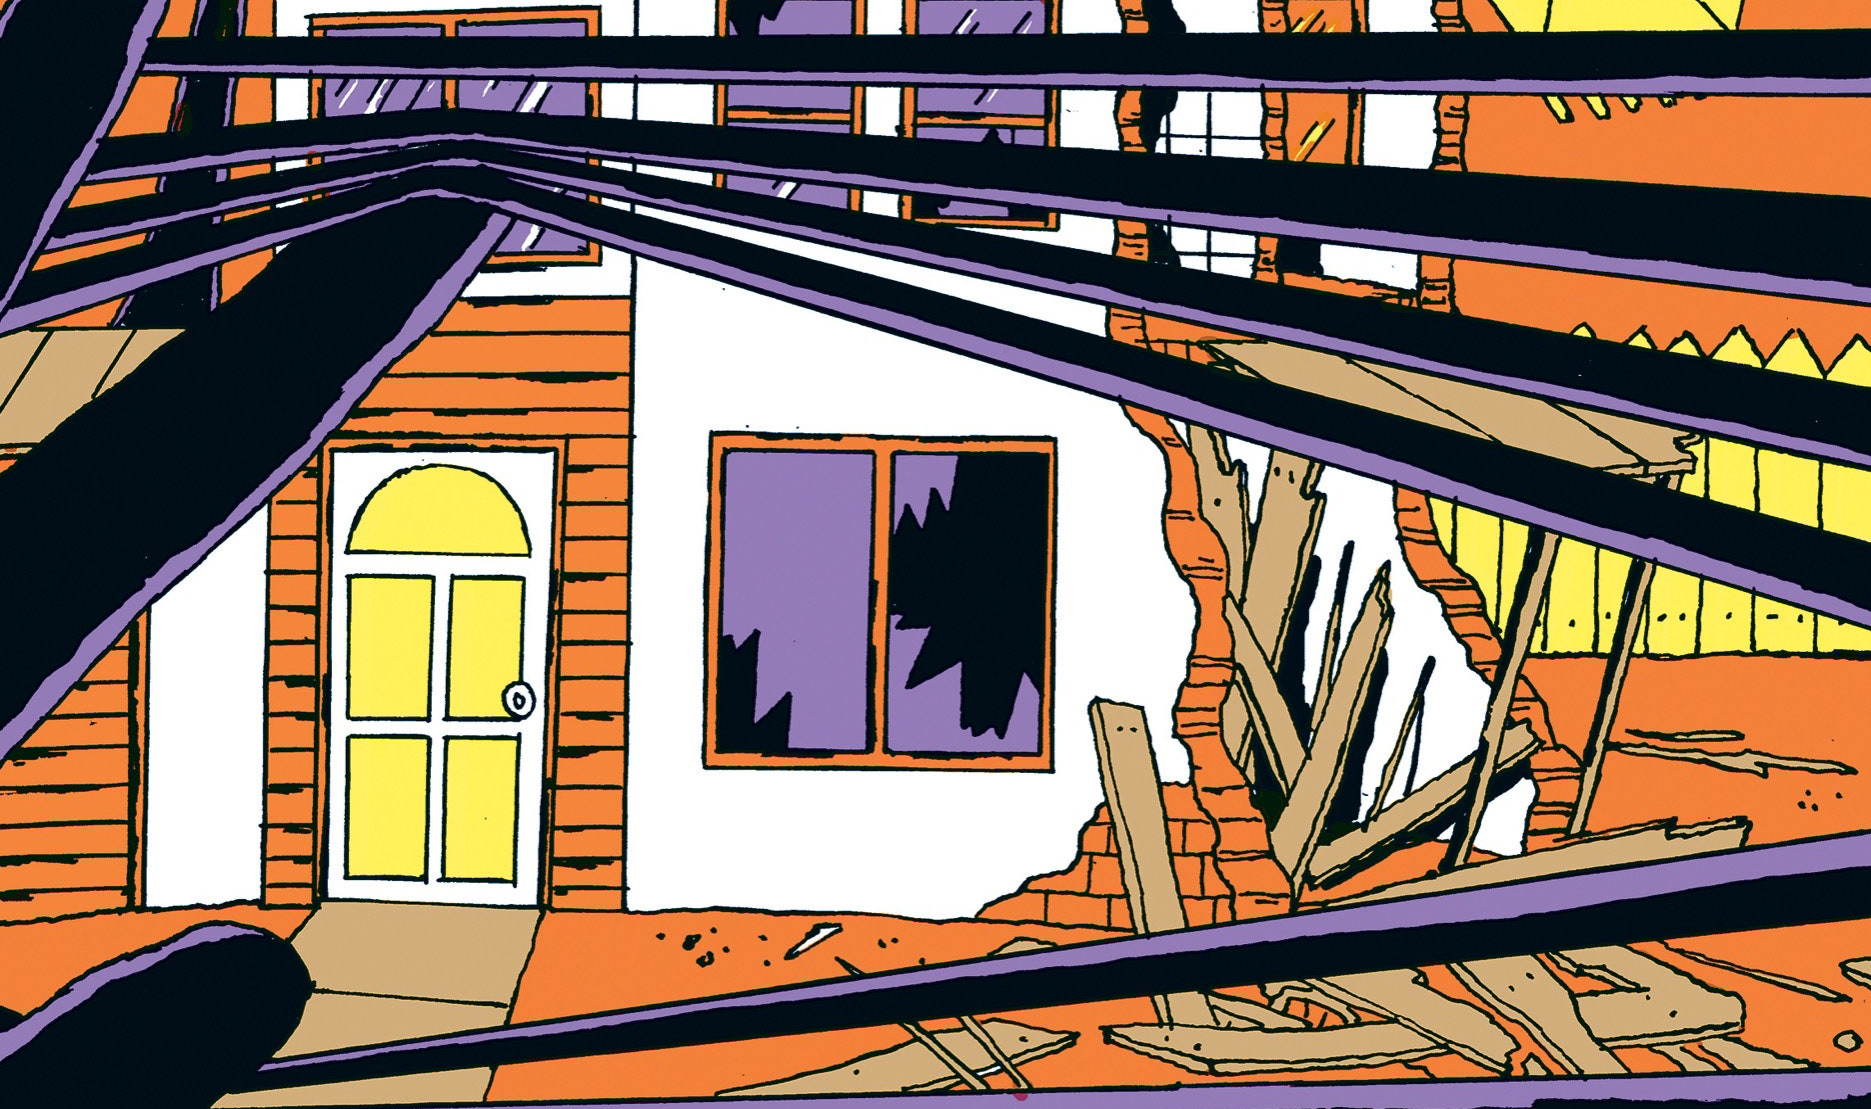 Снос заброшенных зданий не уменьшает уровень преступности. Исследование